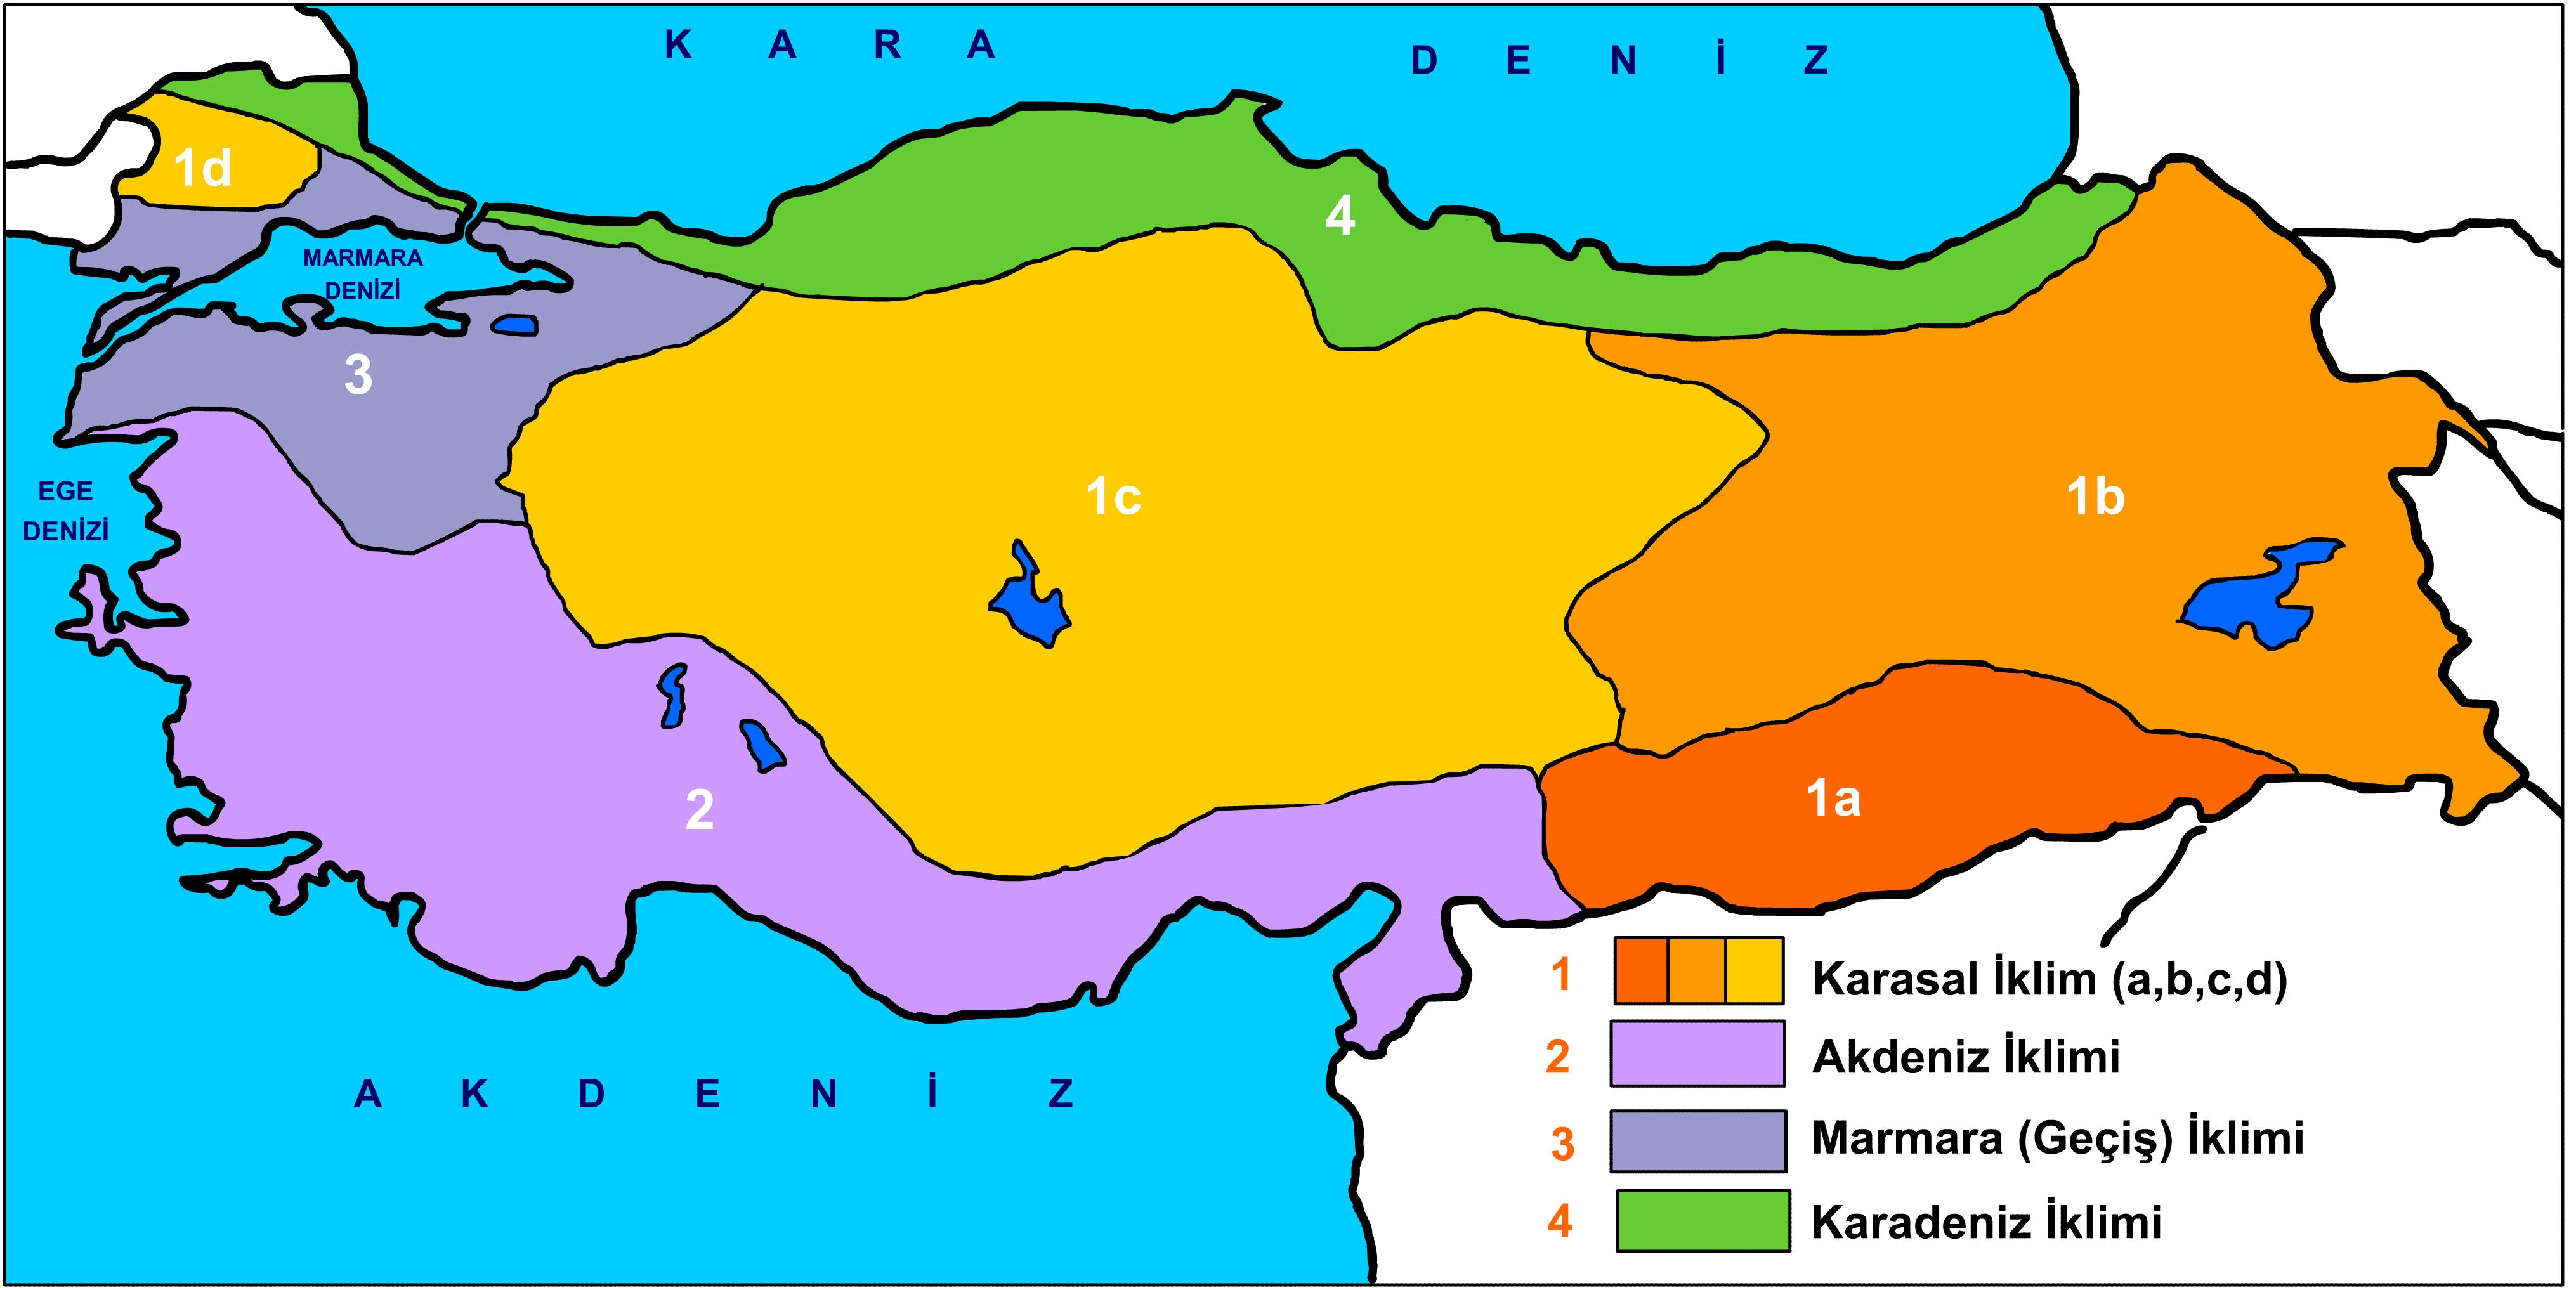 Türkiye İklim Tipleri ve Bitki Örtüsü Haritası